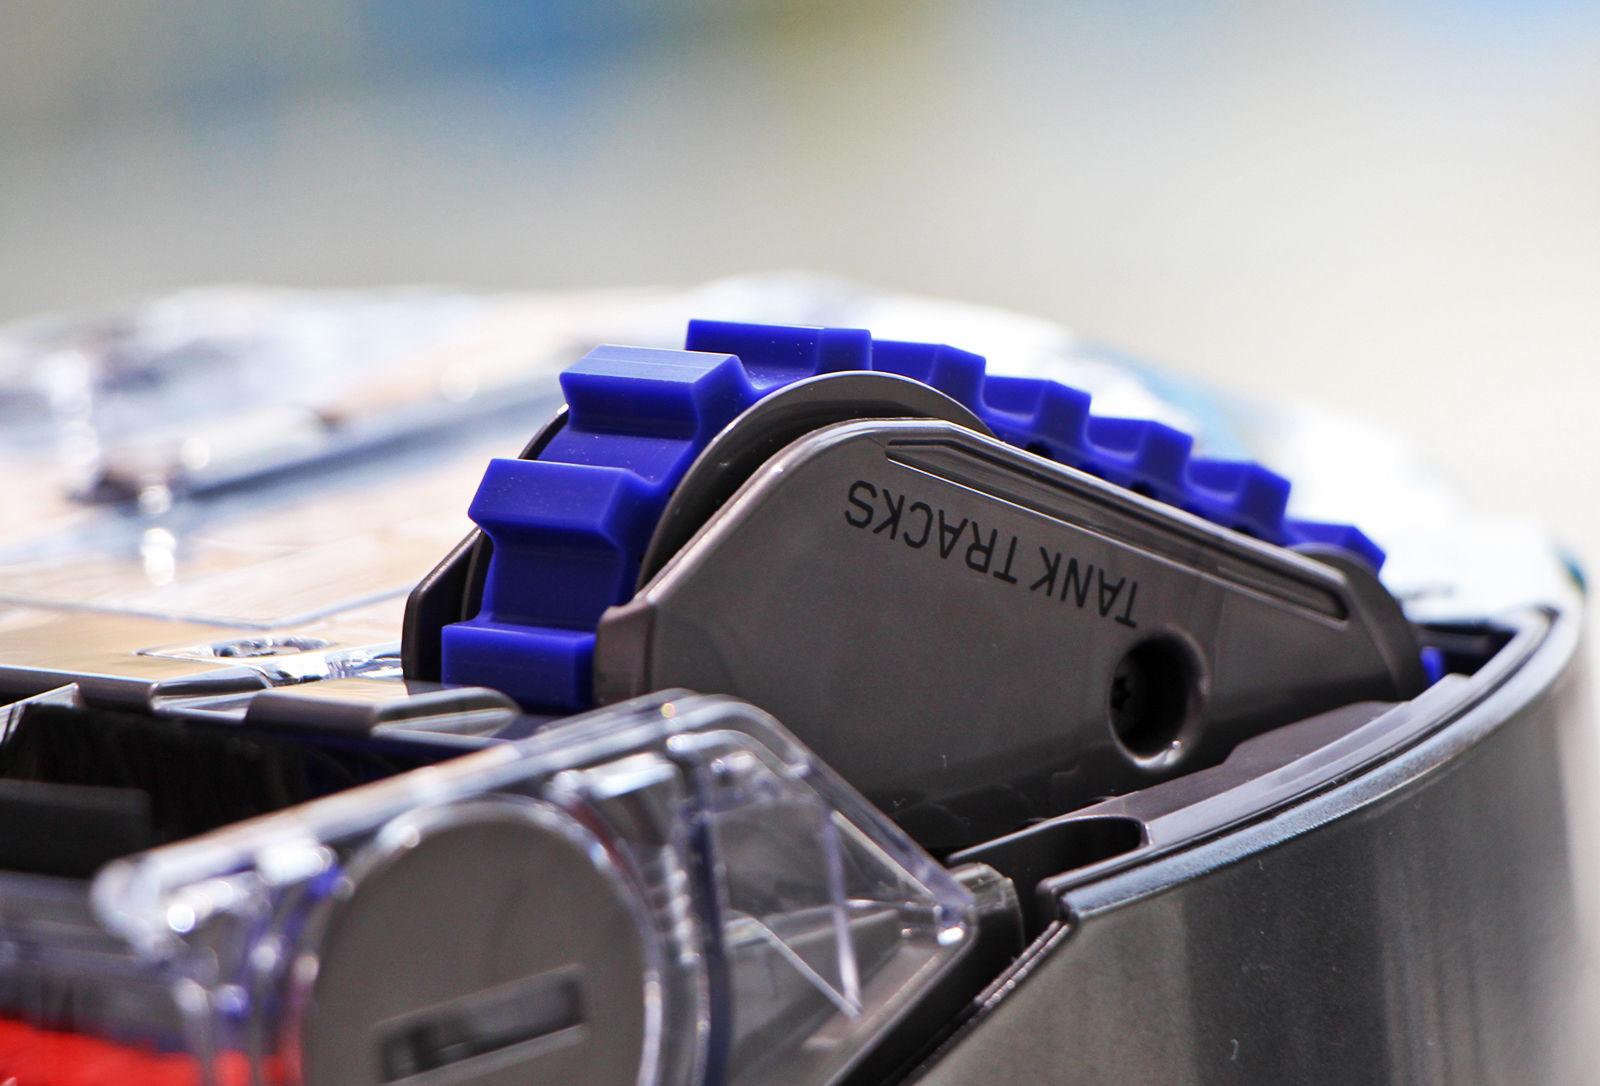 戴森 360 Eye 智能吸尘机器人体验 人工智能 第10张